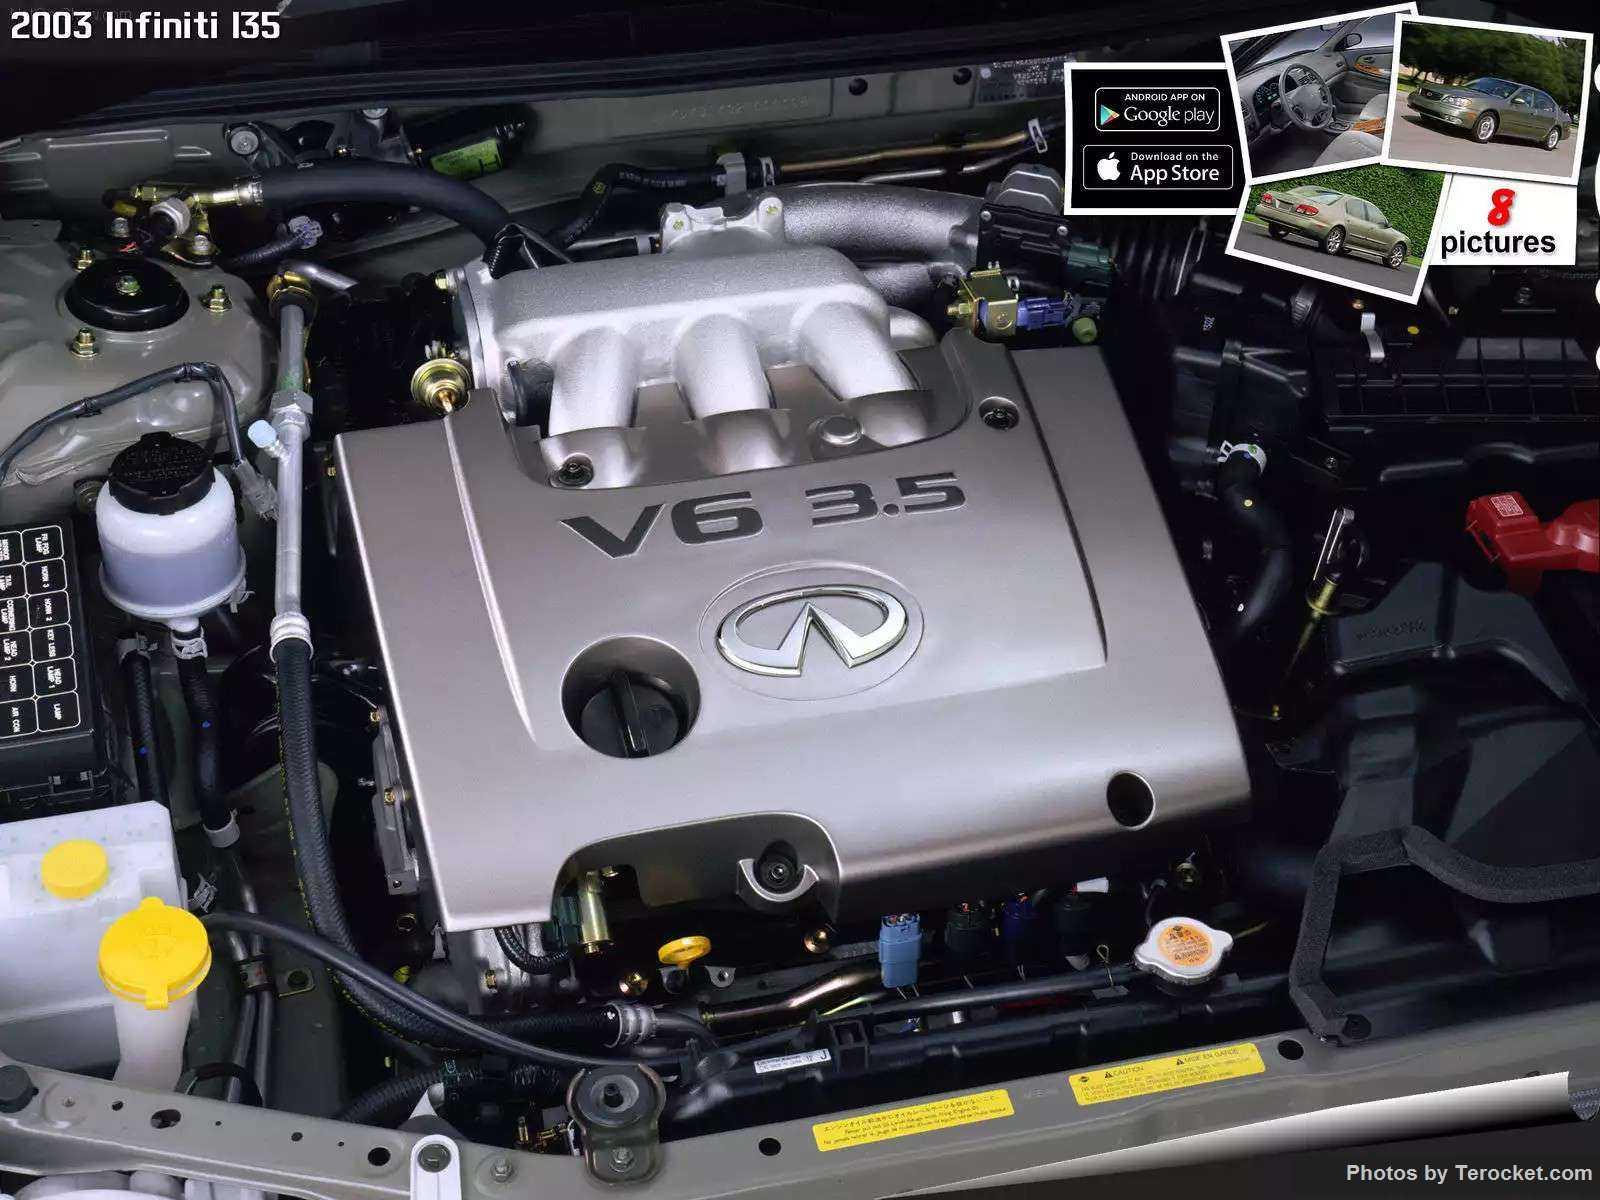 Hình ảnh xe ô tô Infiniti I35 2003 & nội ngoại thất